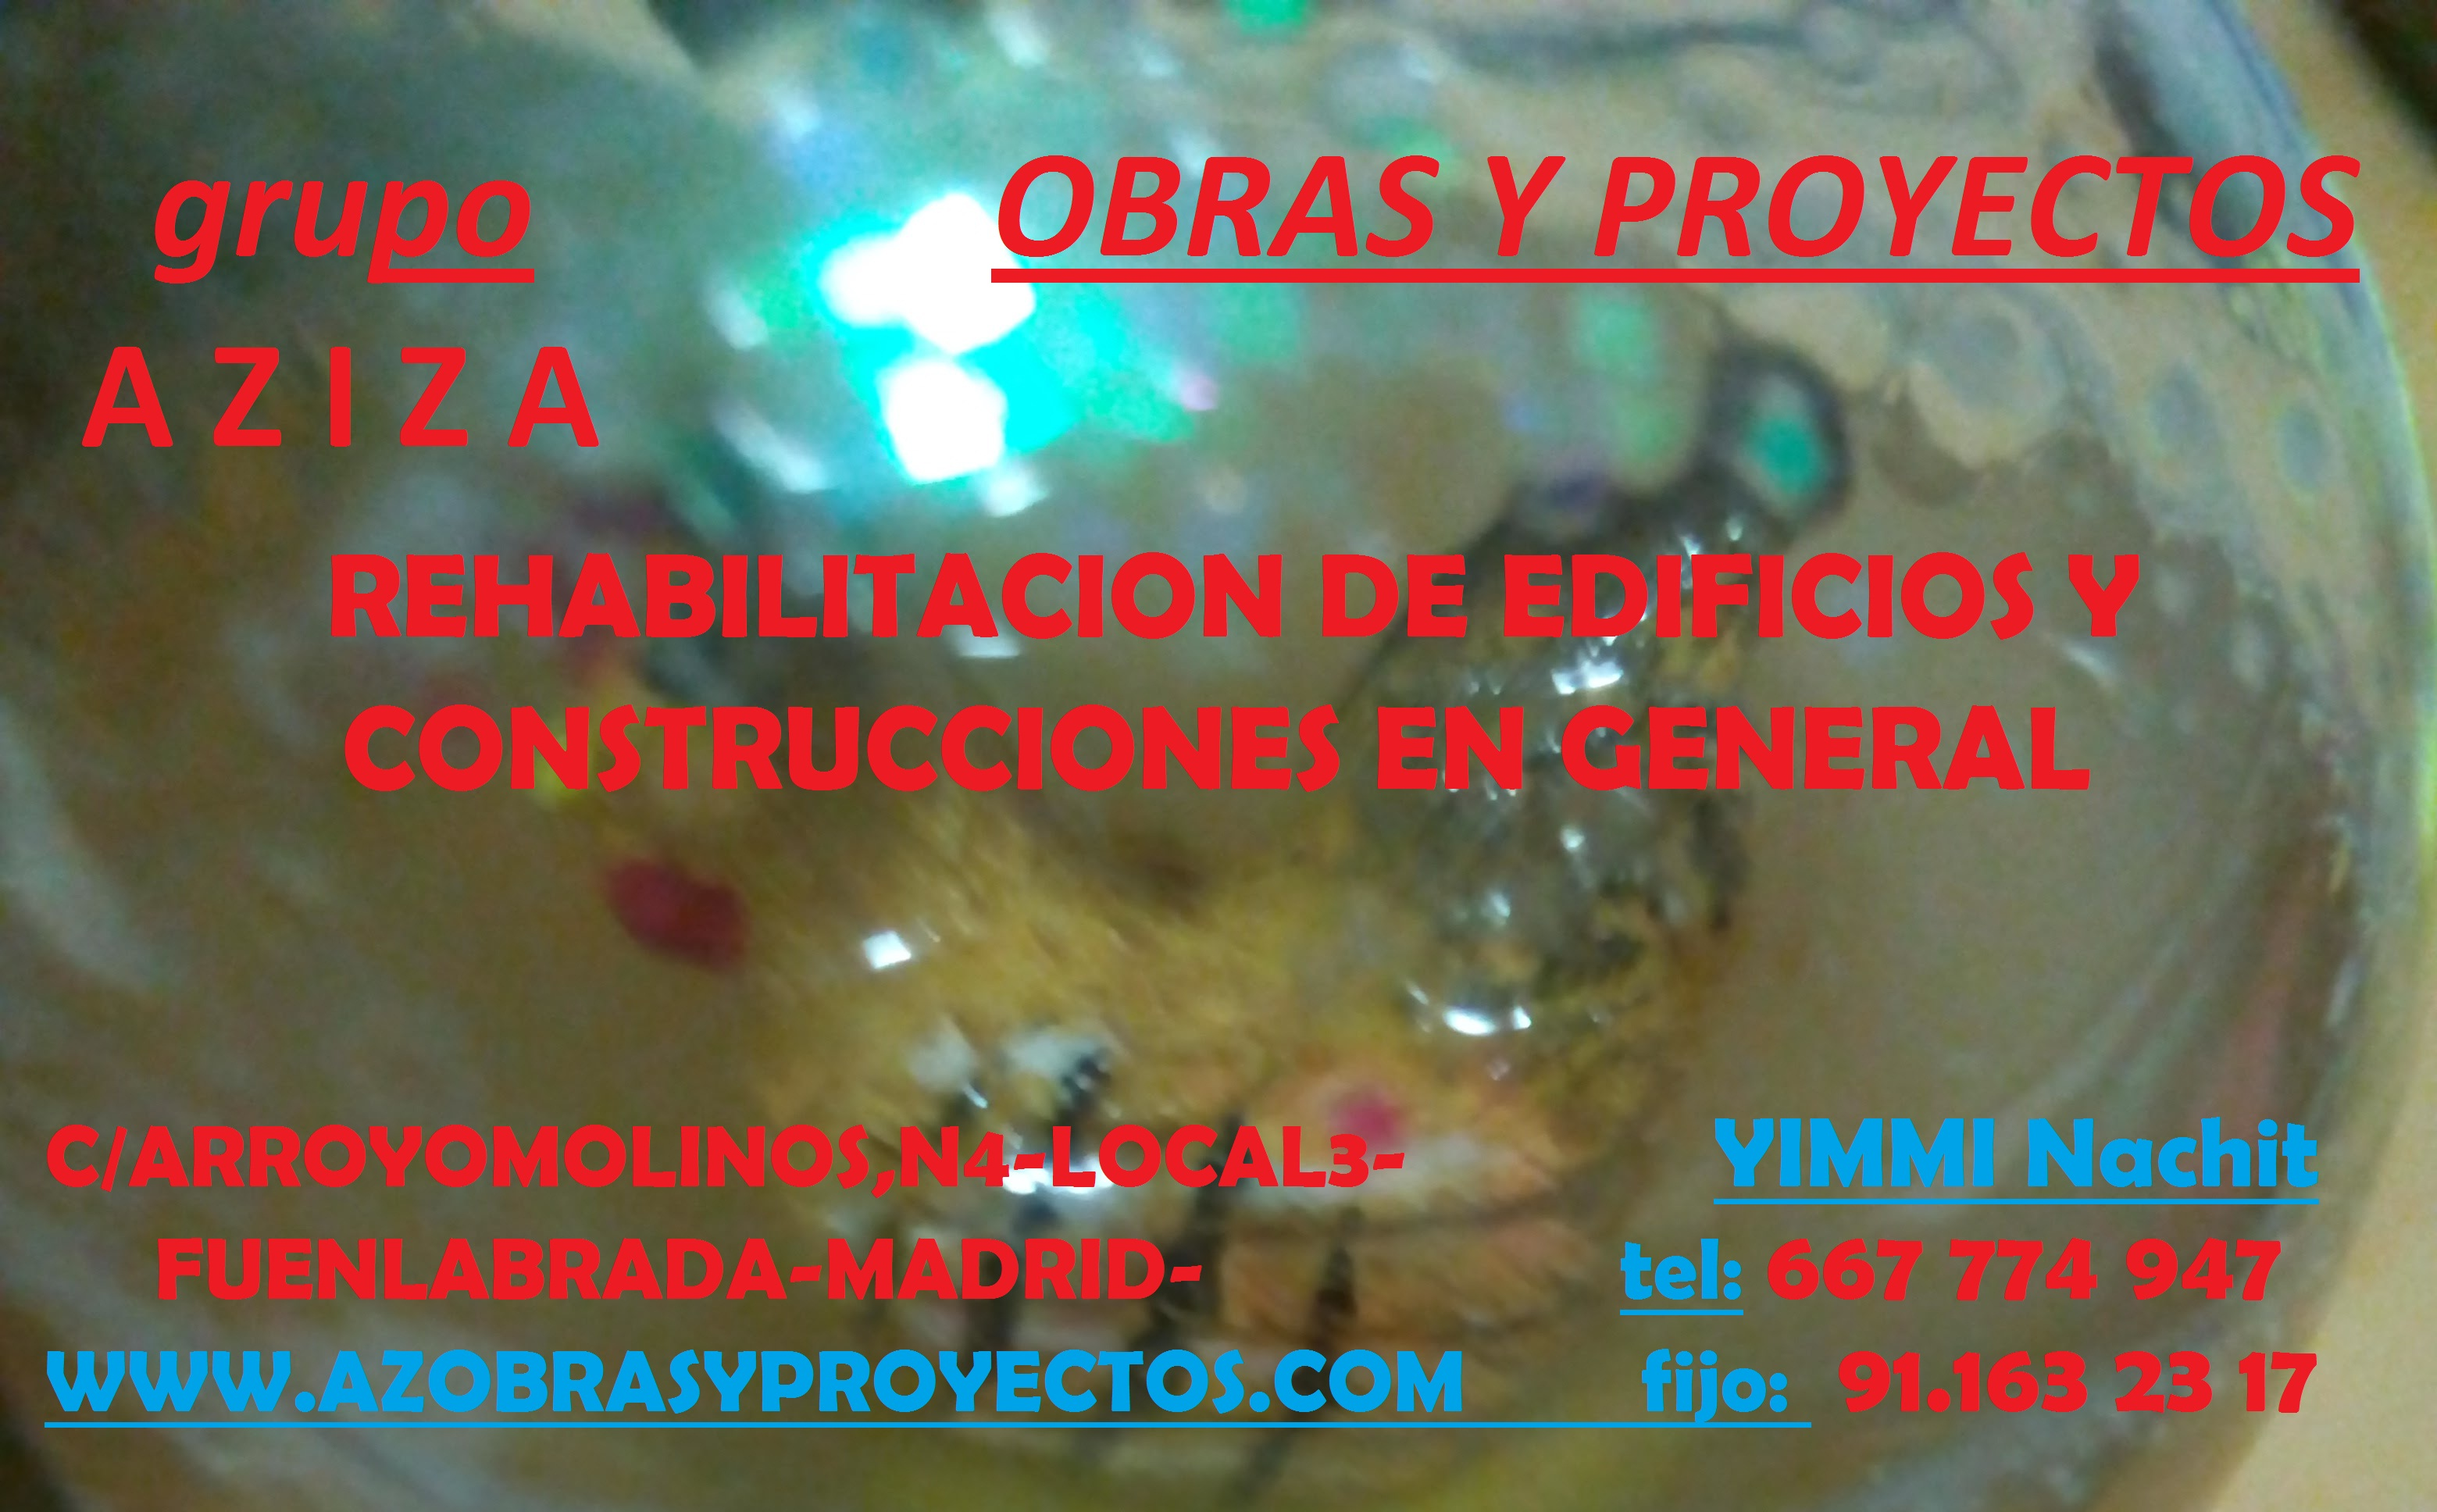 Aziza Obras y Proyectos Fiables